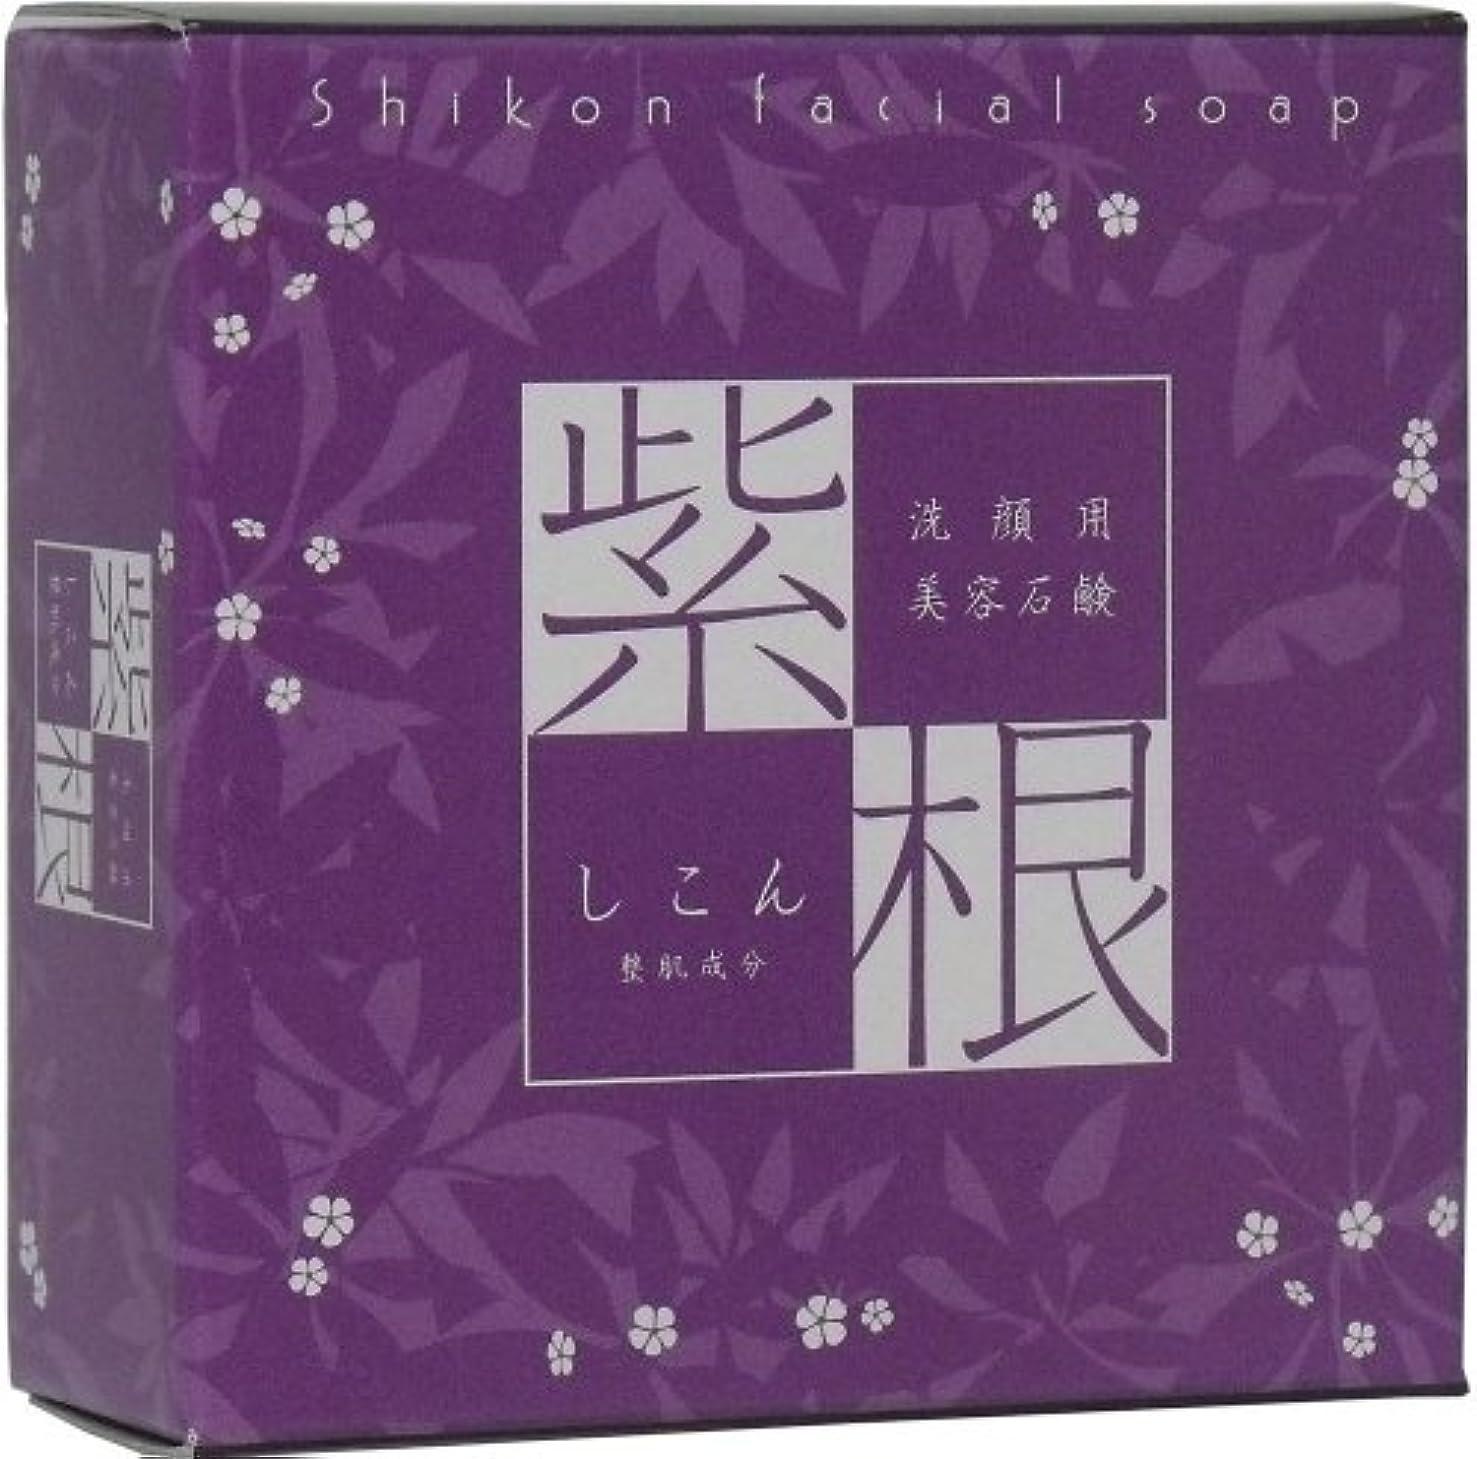 ではごきげんよう西グレートオーク洗顔用 紫根石けん (泡立てネット付き) 100g ×8個セット